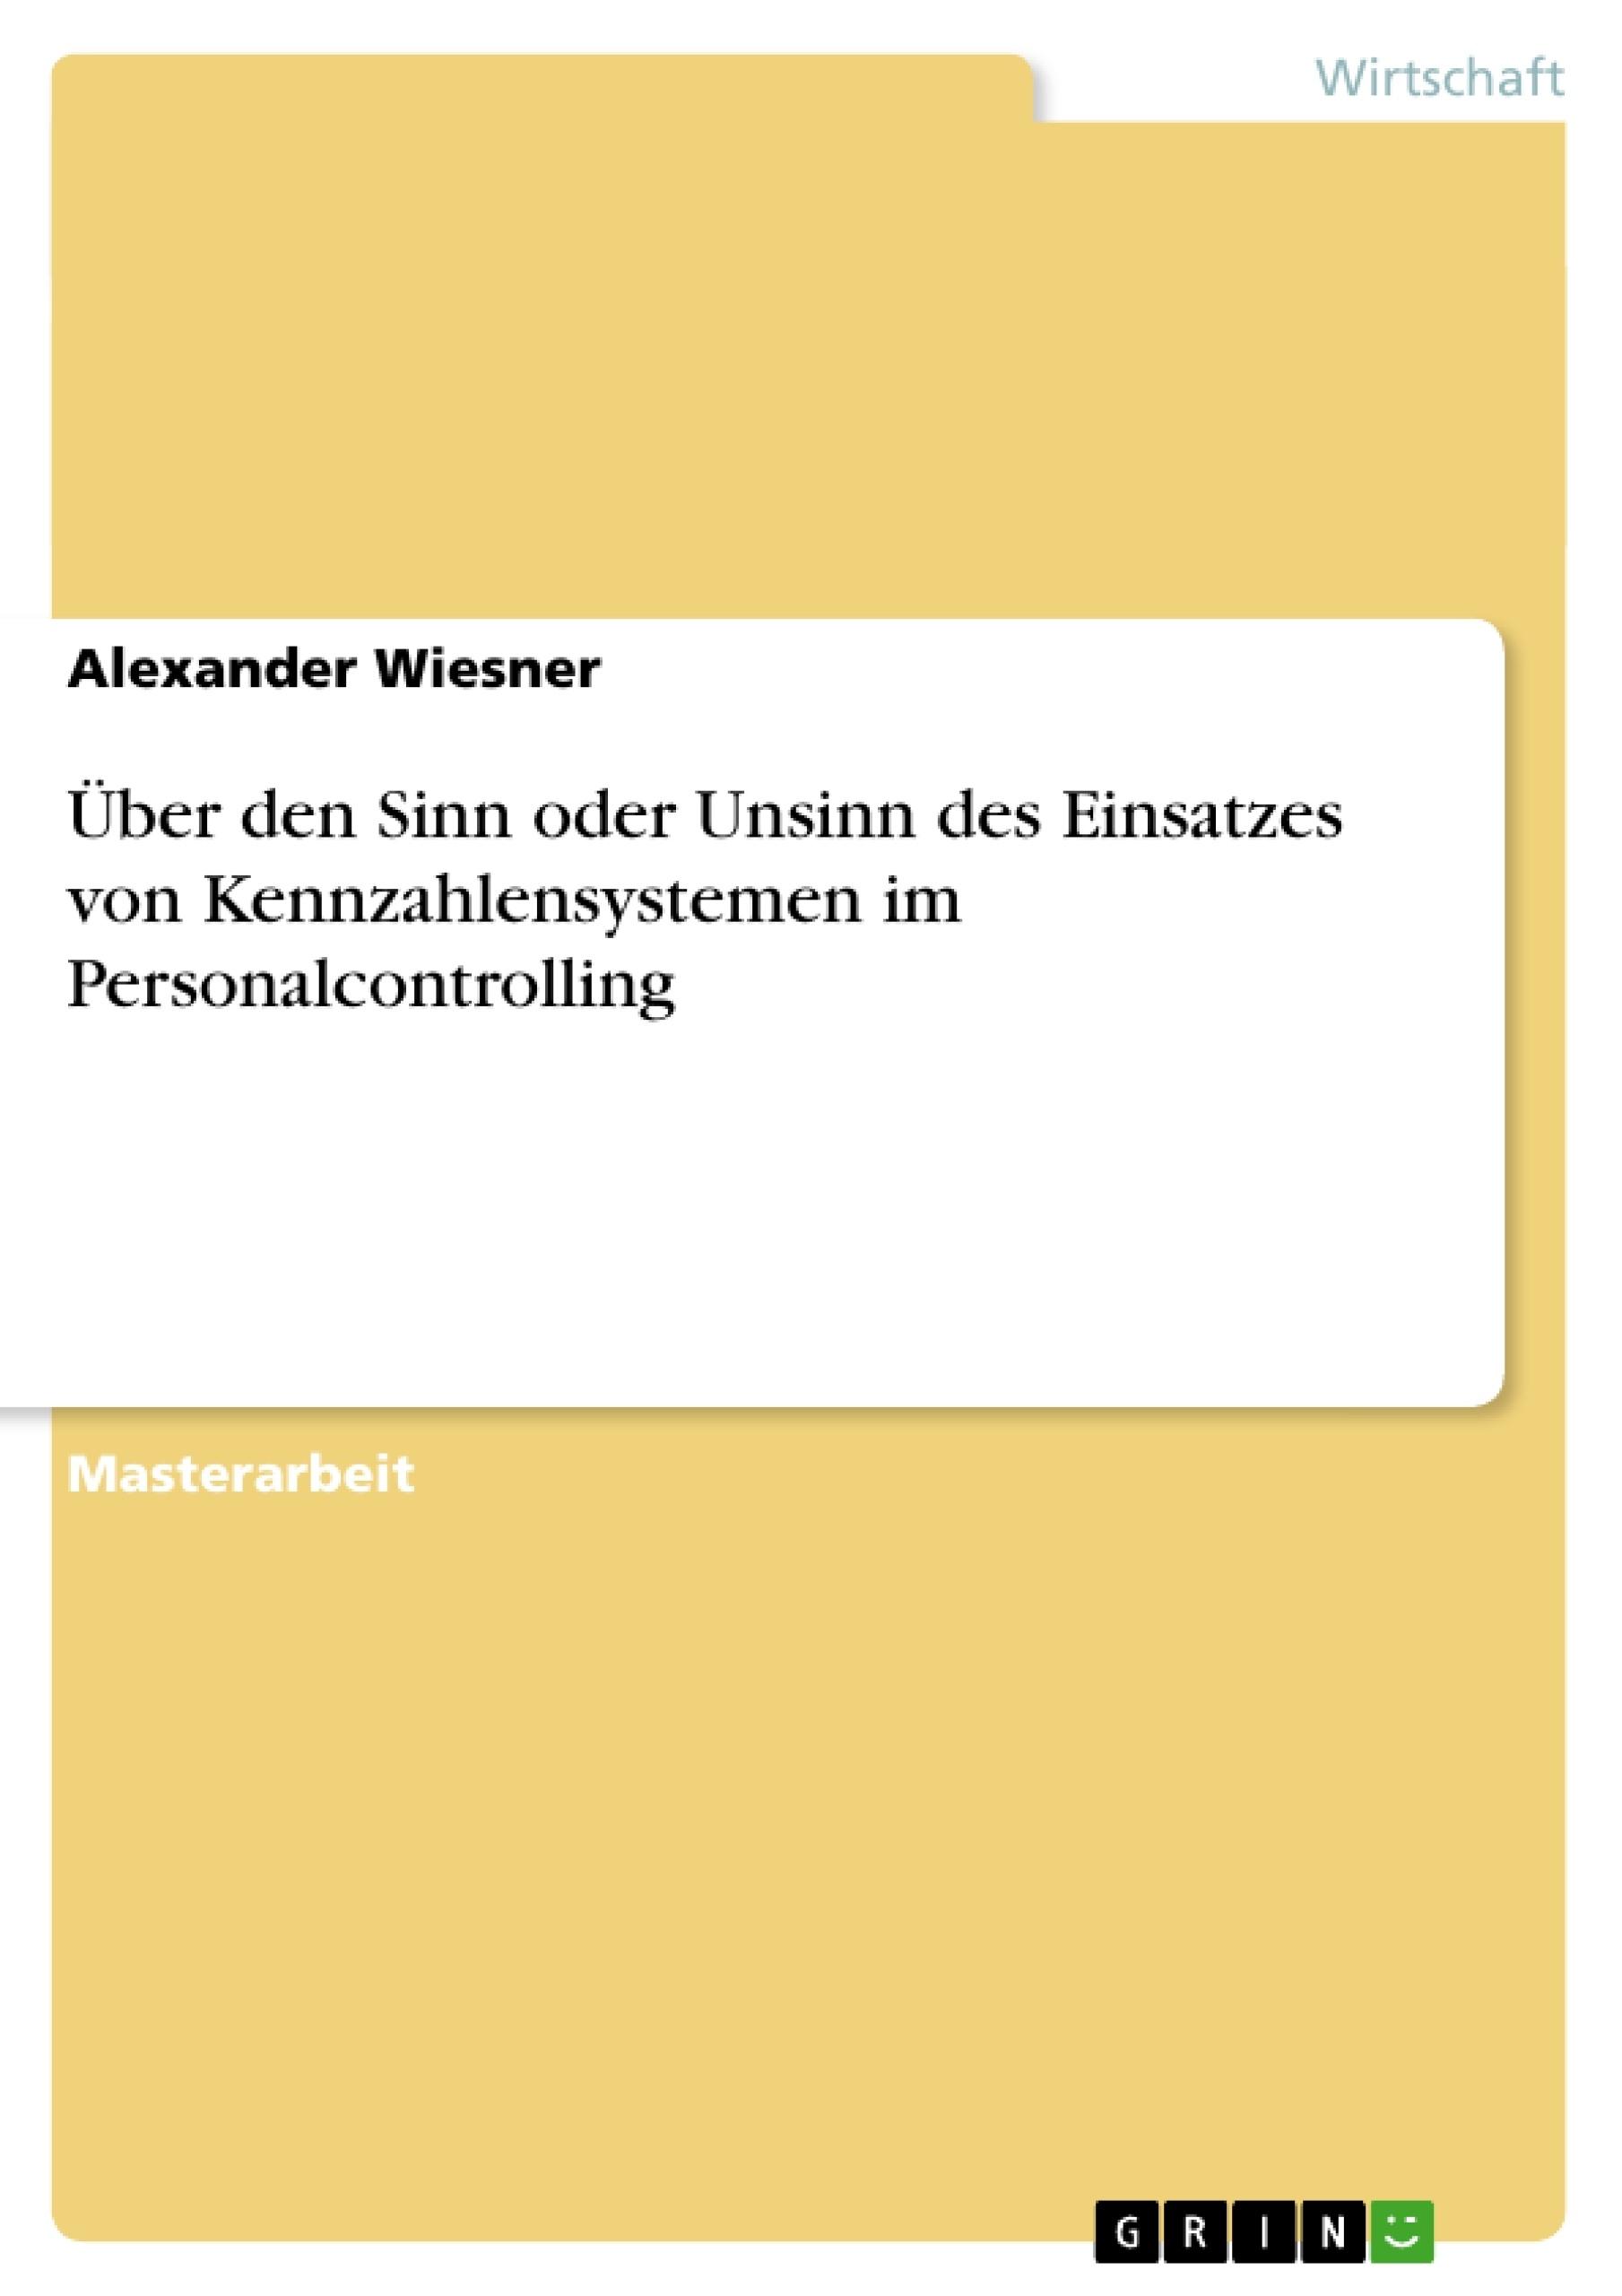 Titel: Über den Sinn oder Unsinn des Einsatzes von Kennzahlensystemen im Personalcontrolling